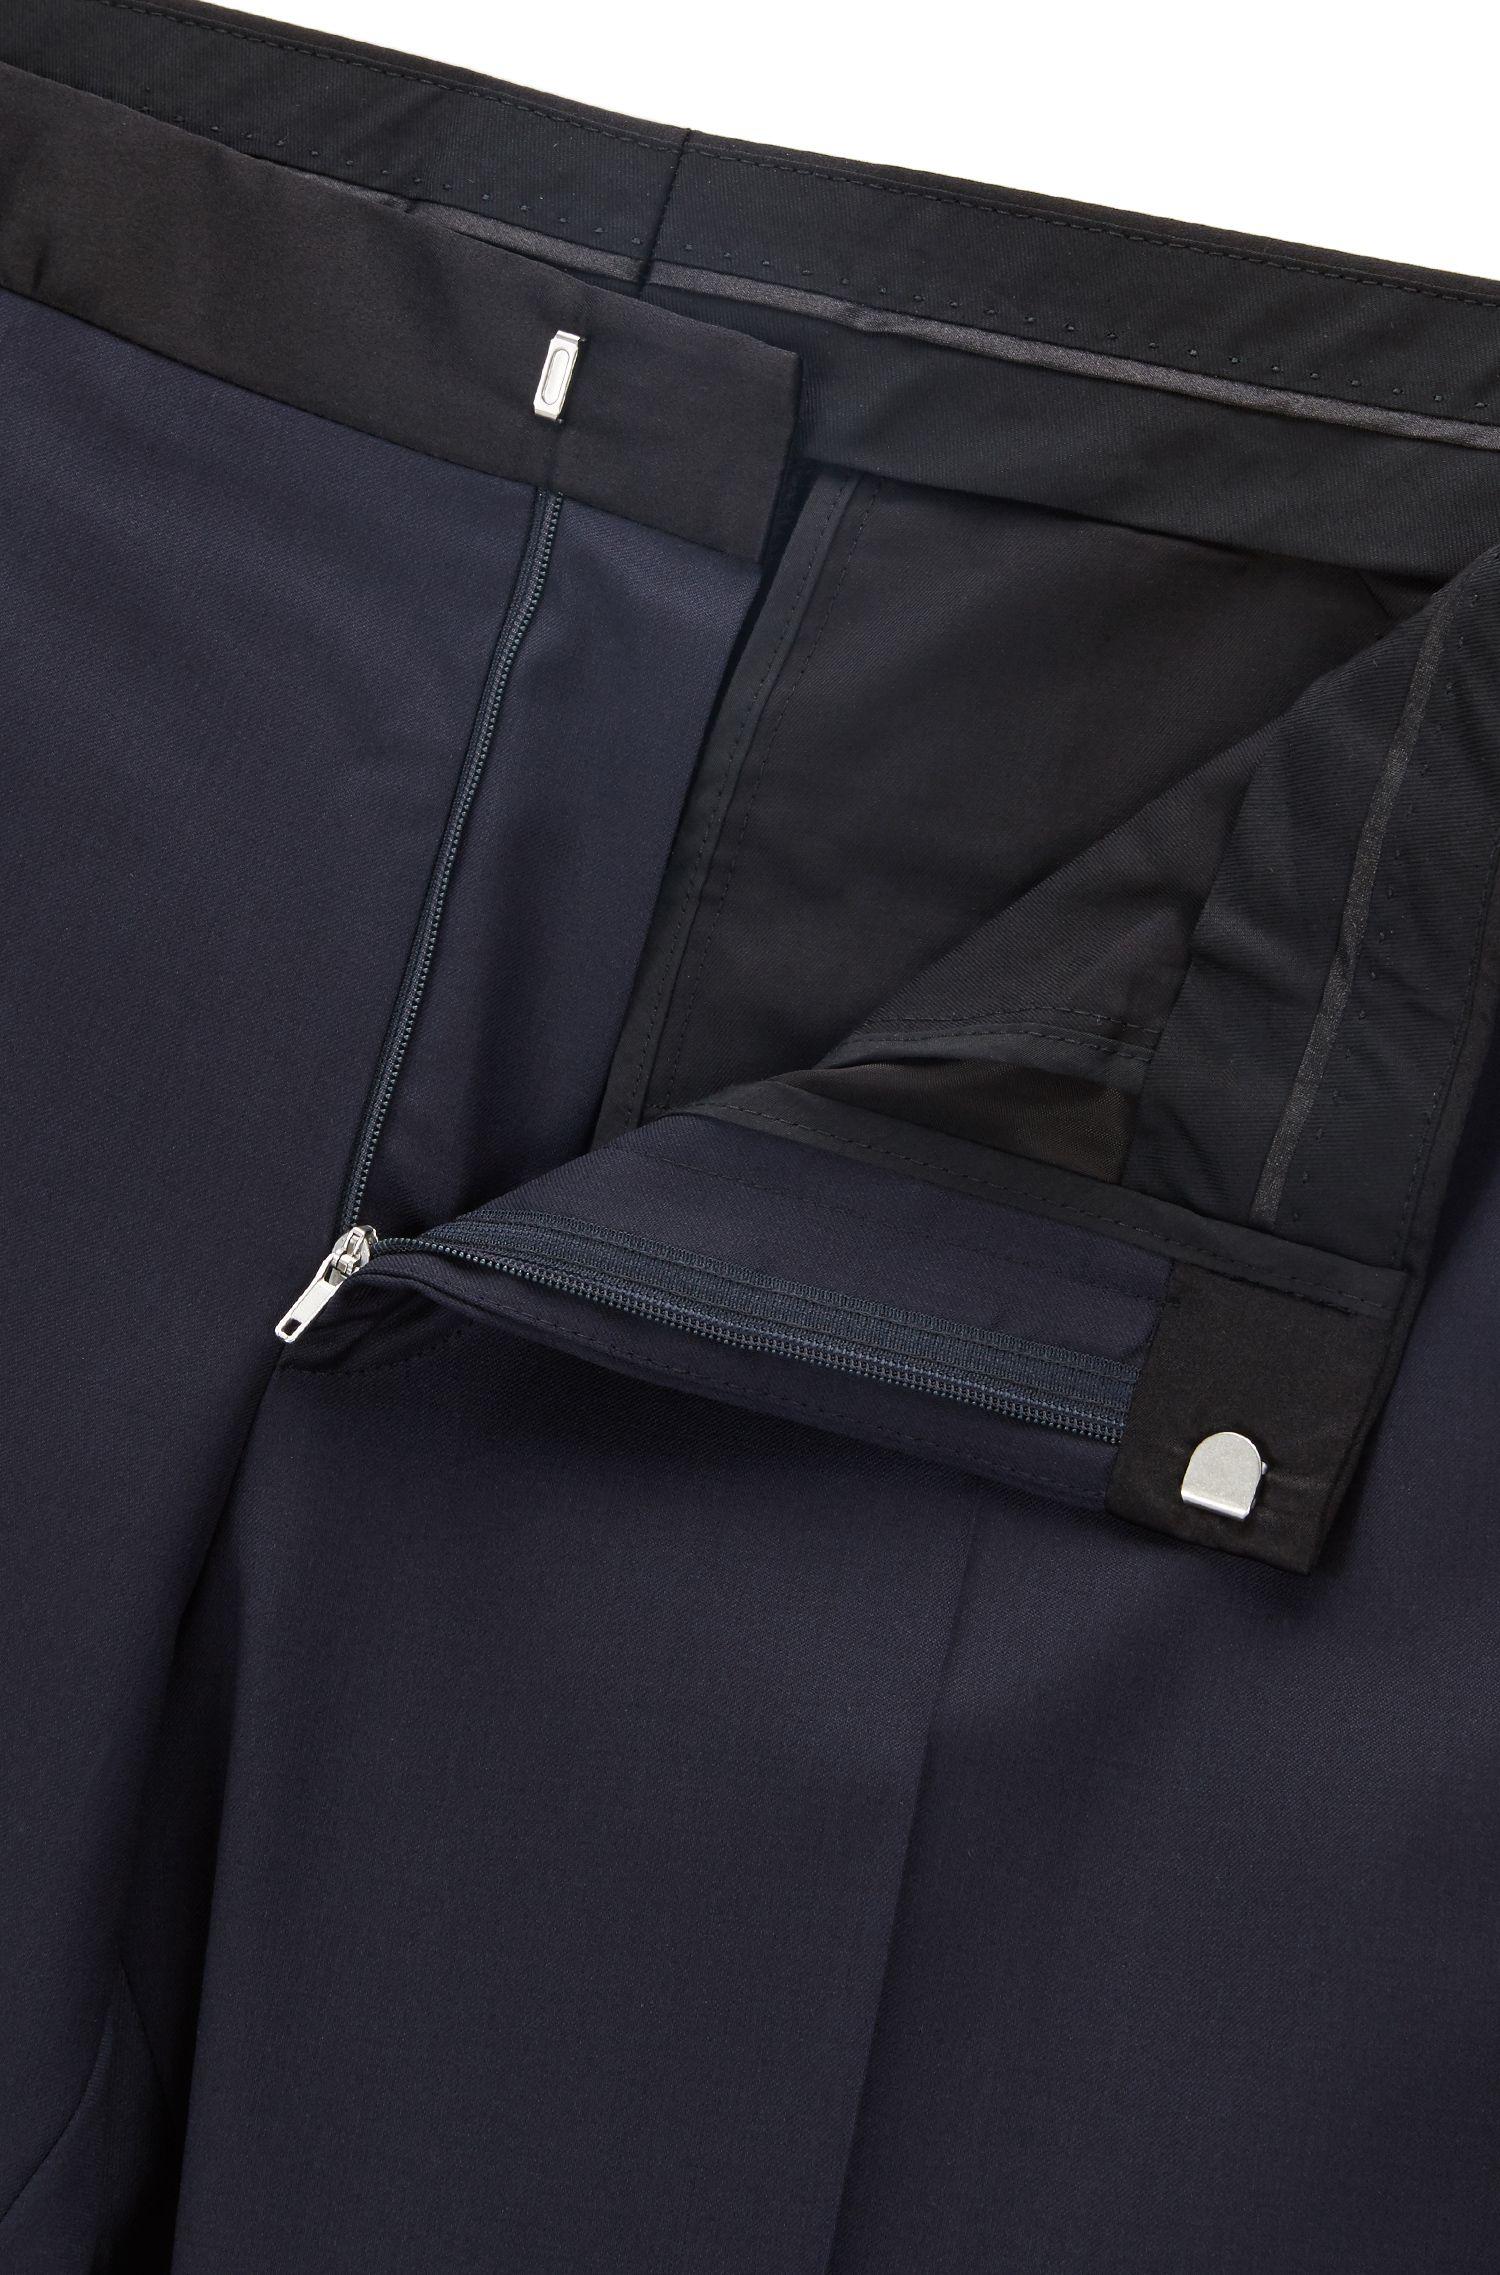 Italian Virgin Wool Pant, Slim Fit | Gilan CYL